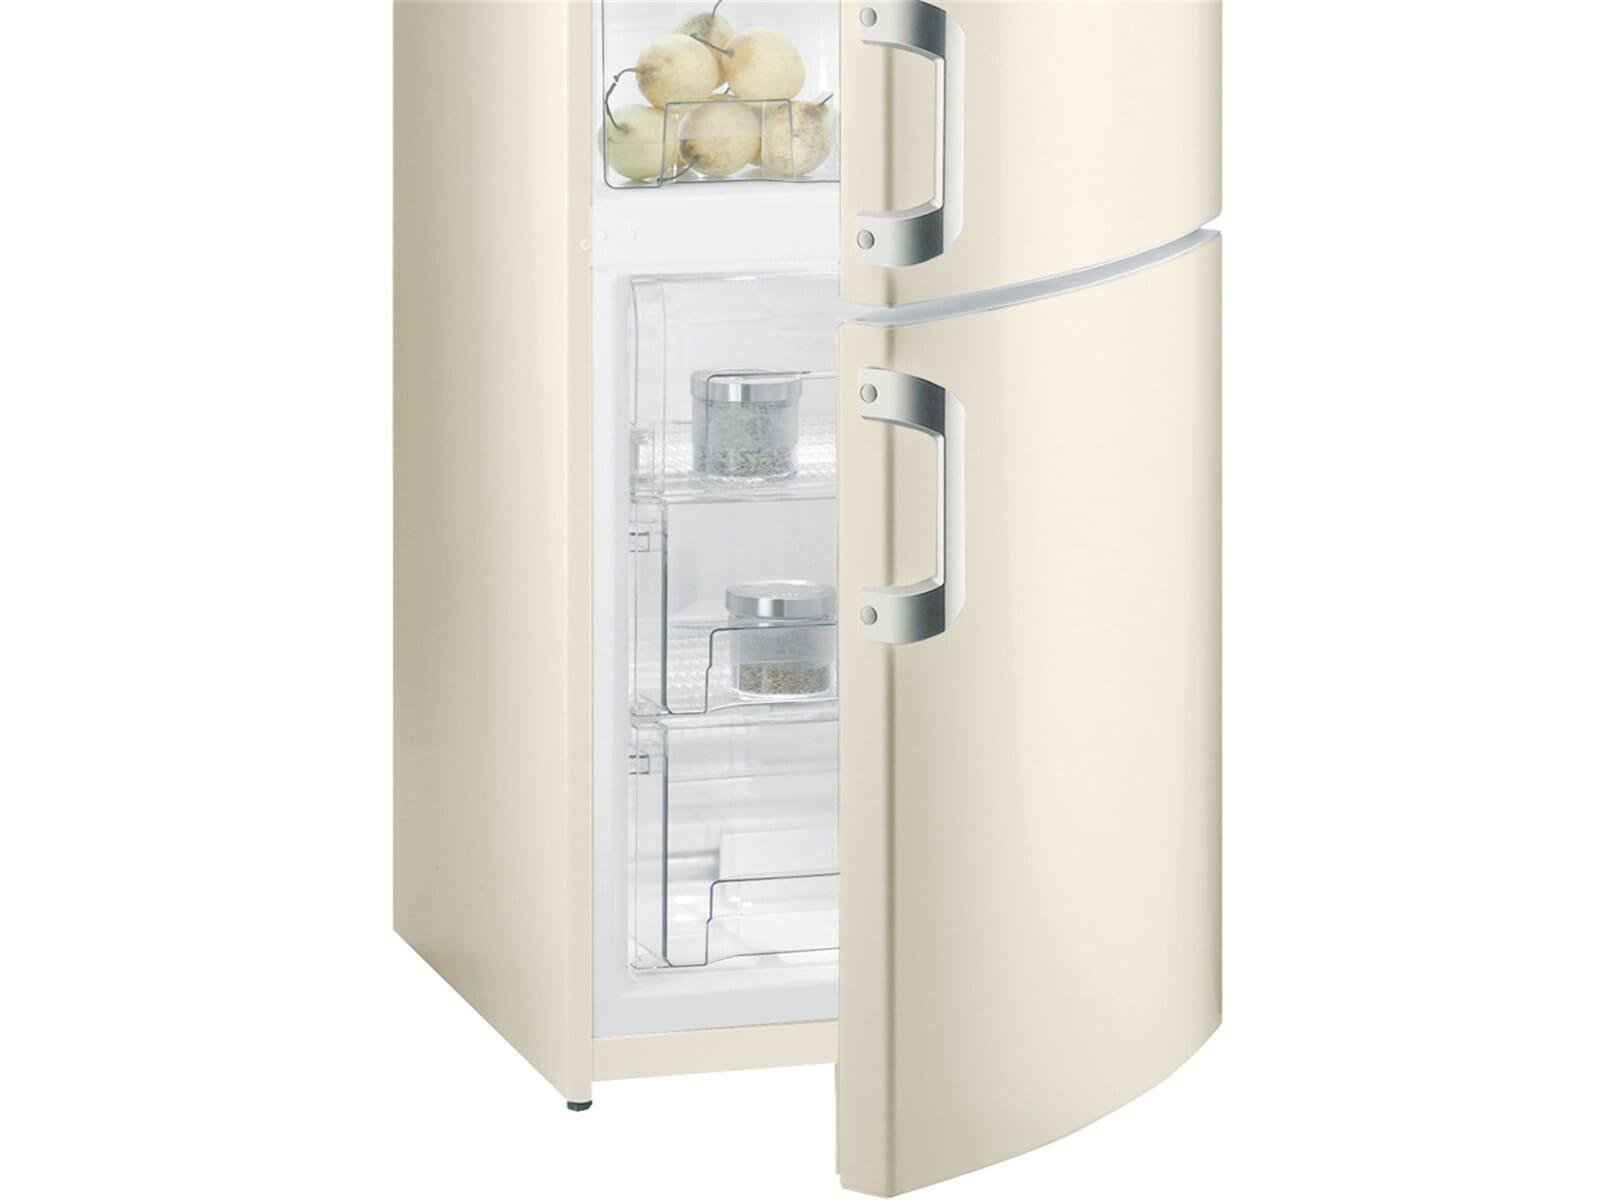 Retro Kühlschrank Respekta : Retro kühlschrank gefrierkombination gorenje rk r test